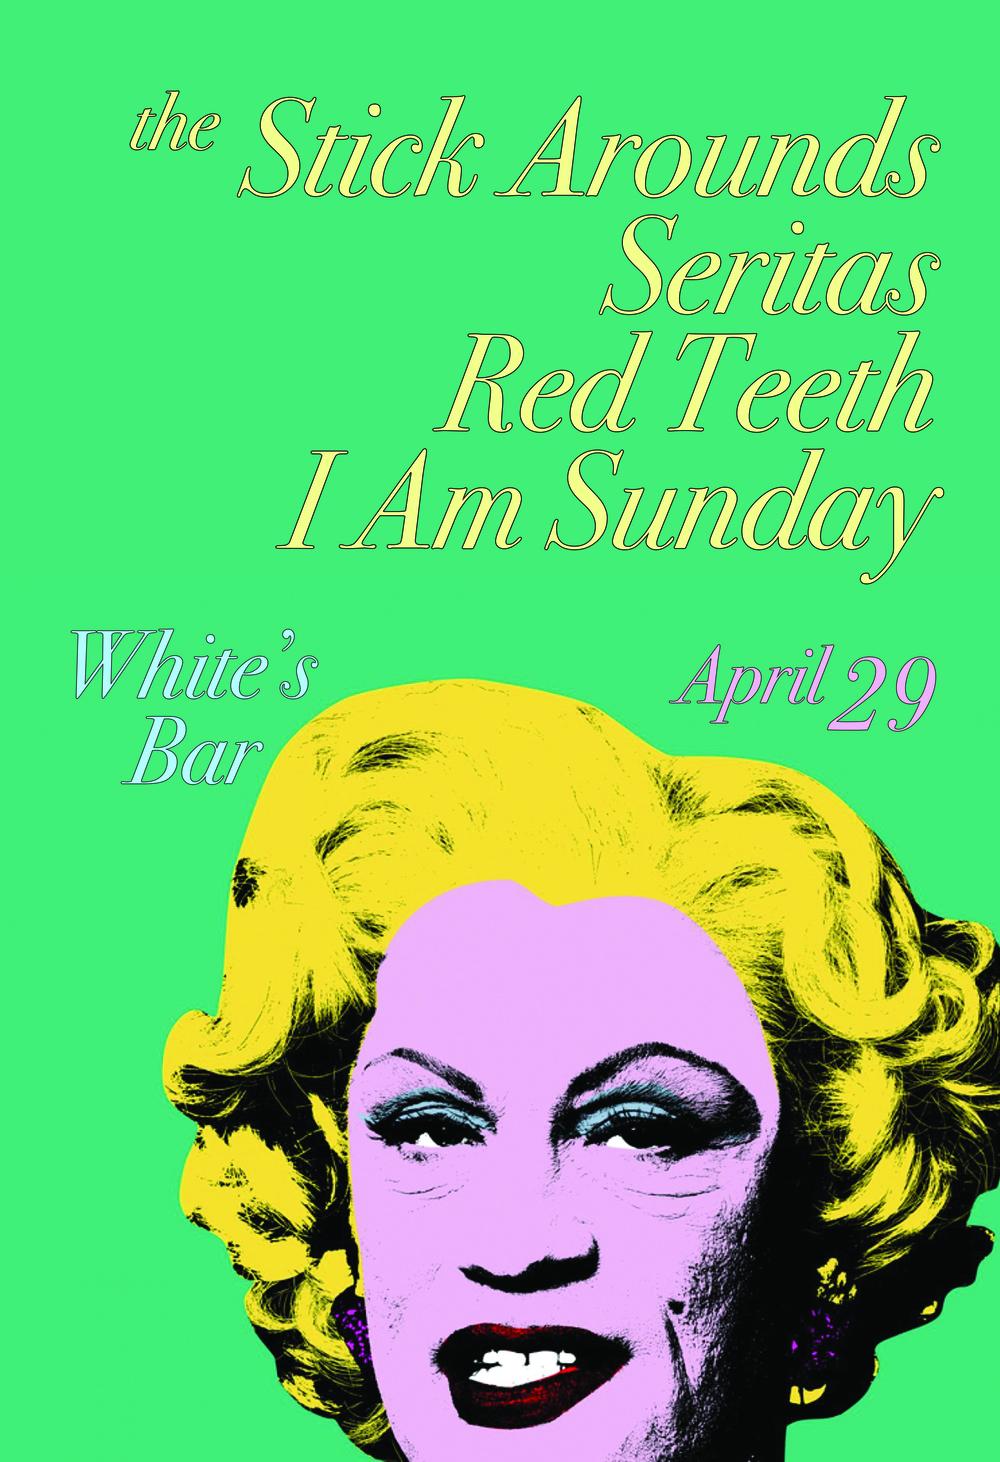 White's Bar Malkovich Poster April 29.jpg